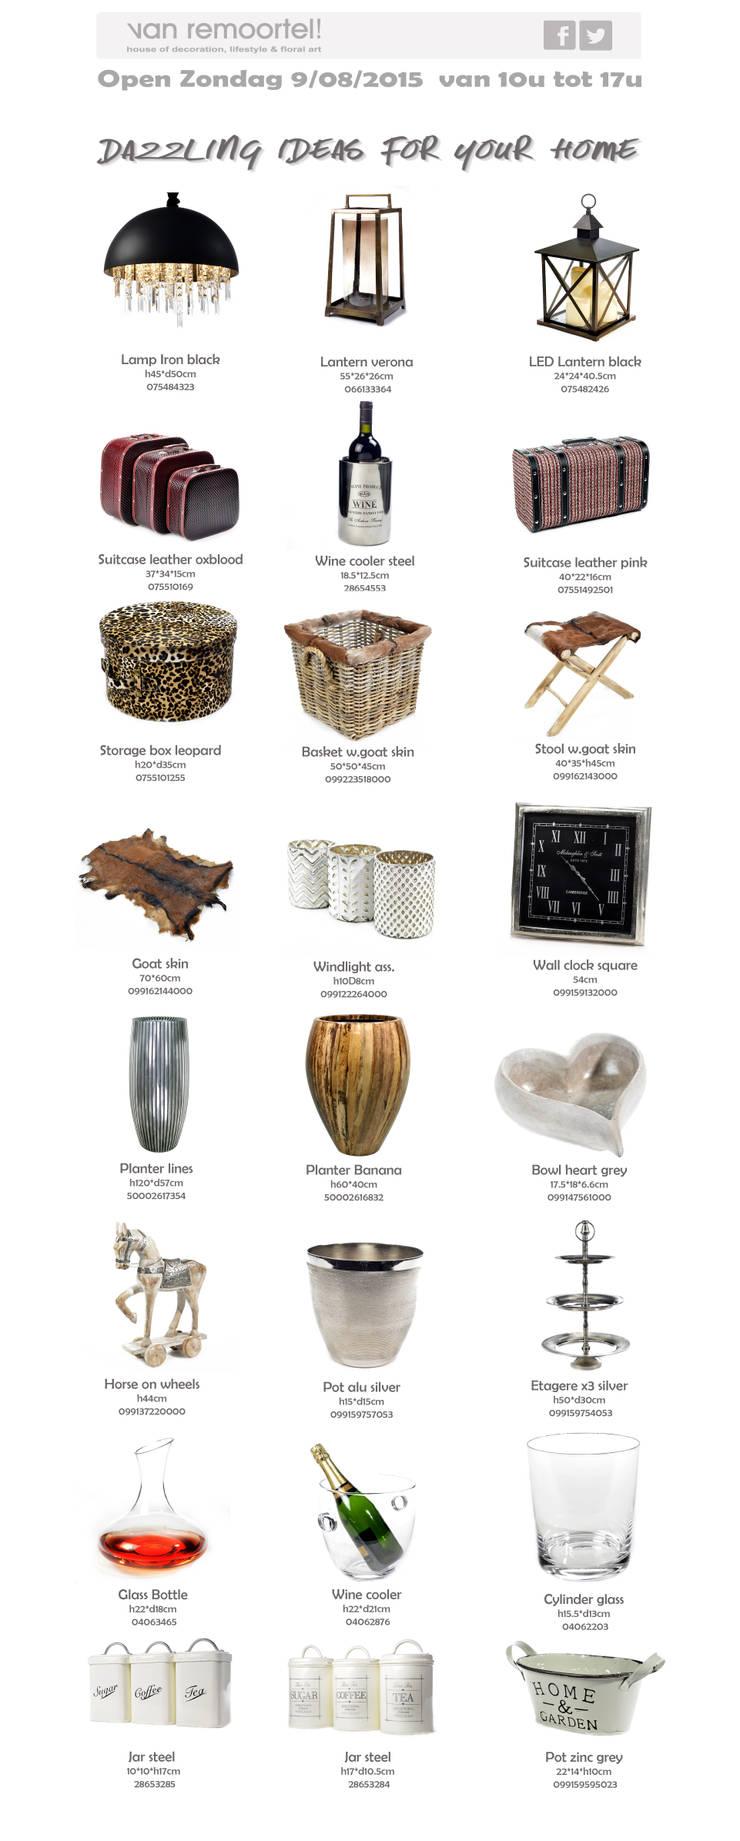   Dazzling Ideas for your Home:  Eetkamer door Groothandel in decoratie en lifestyle artikelen